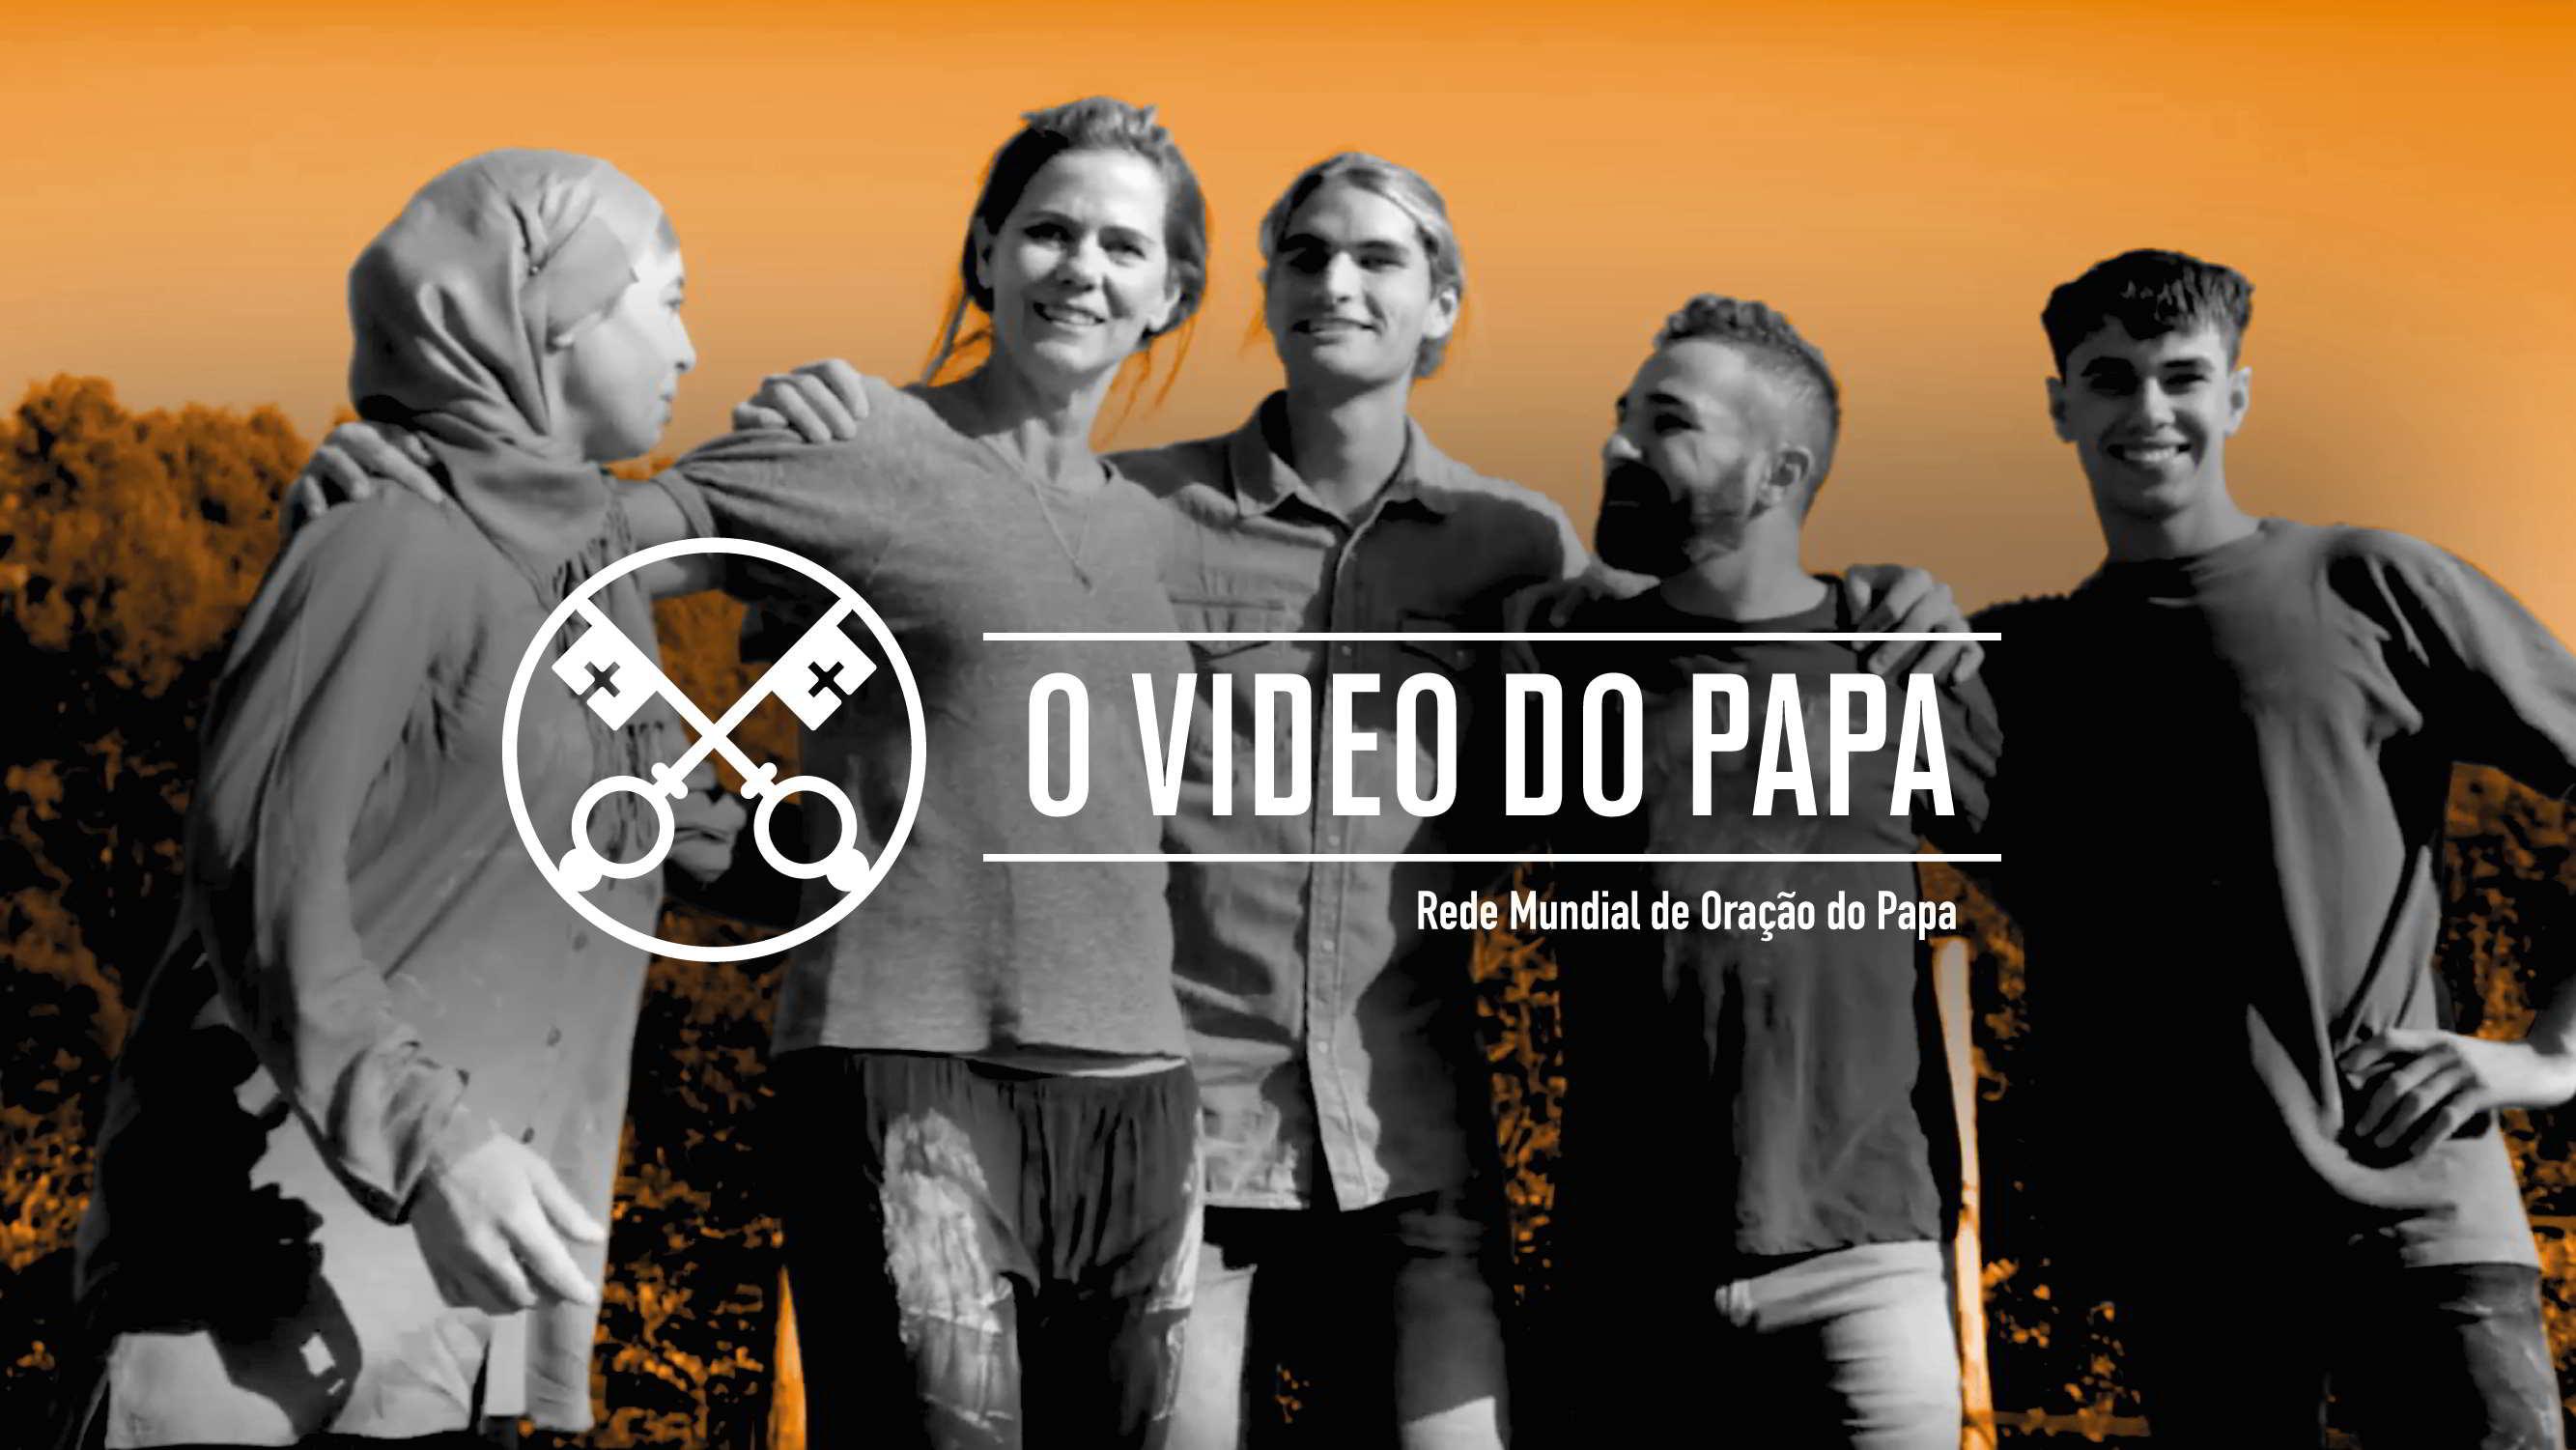 Official-Image-TPV-11-2019-PT-O-Video-do-Papa-Dialogo-e-Reconciliacao-no-Medio-Oriente-